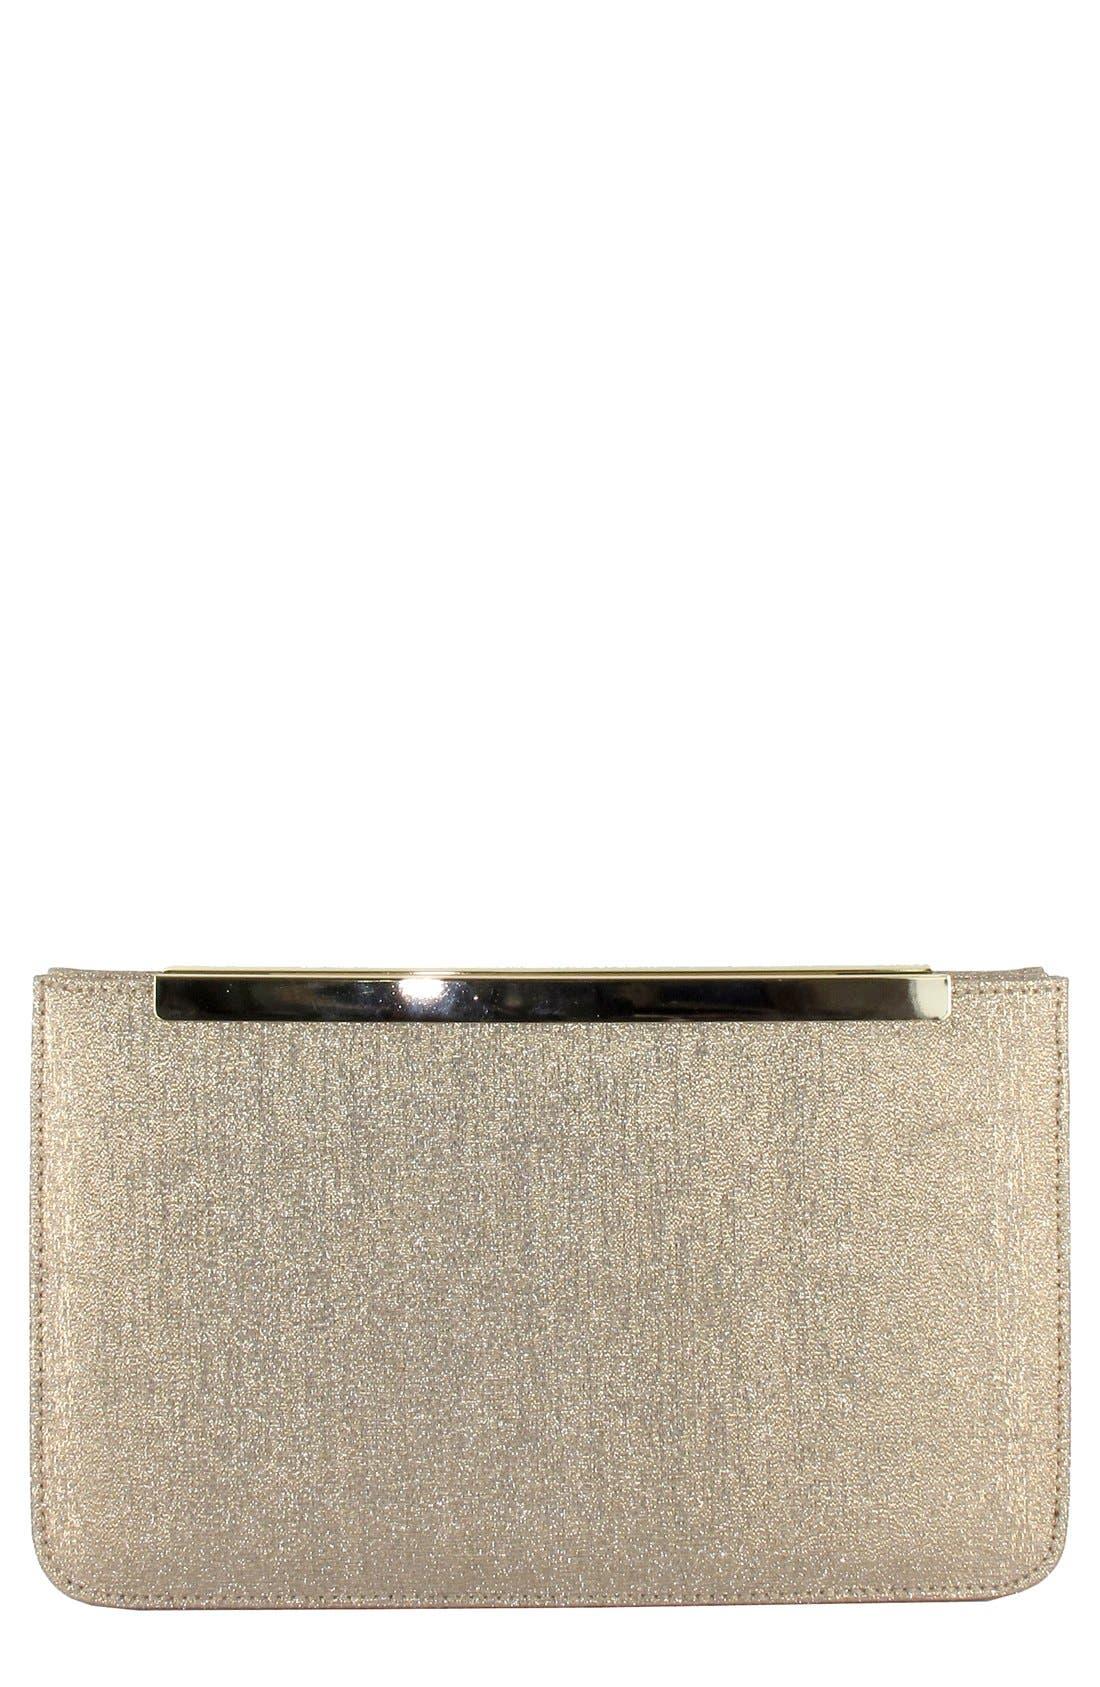 Alternate Image 1 Selected - Menbur Metallic Clutch